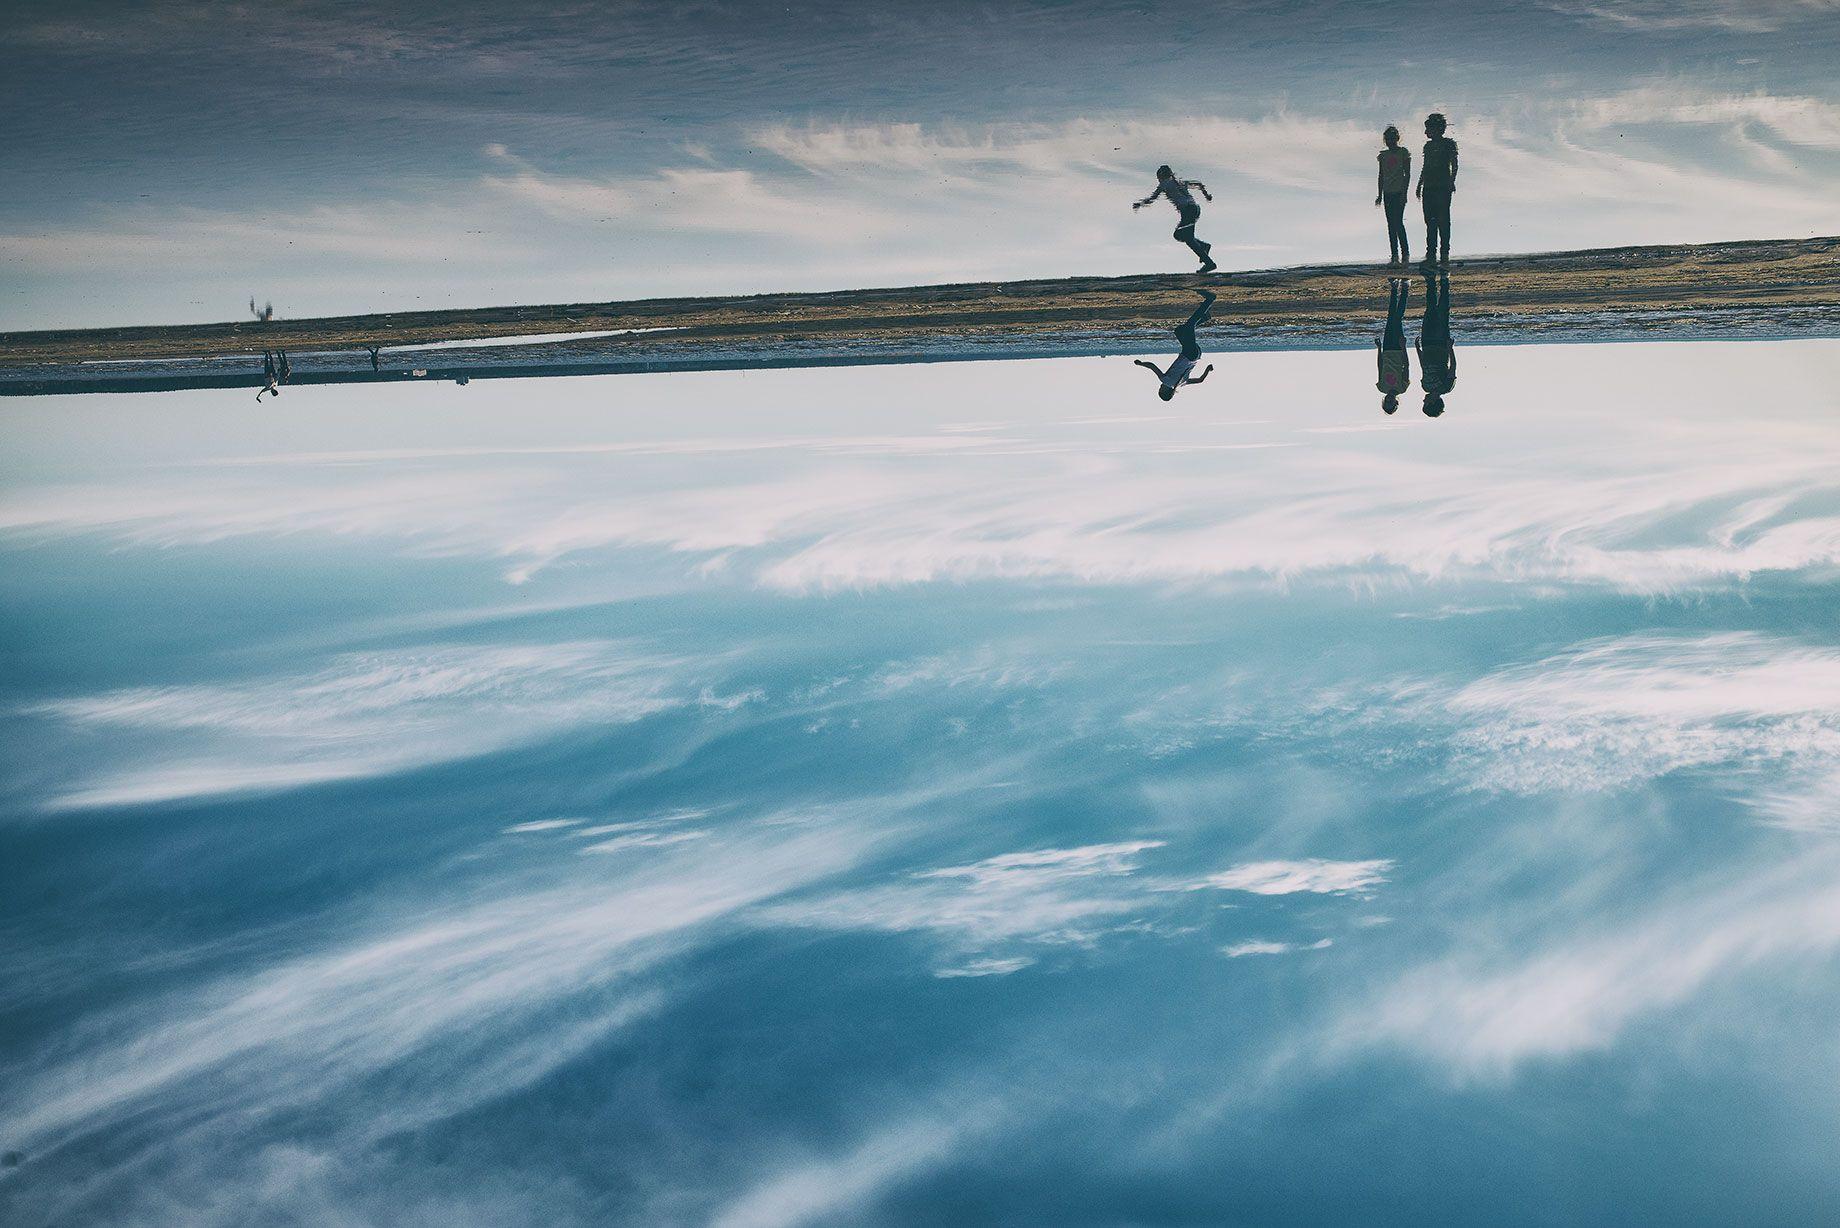 залив, вода, море, отражения, силуэт, Виктория Разина